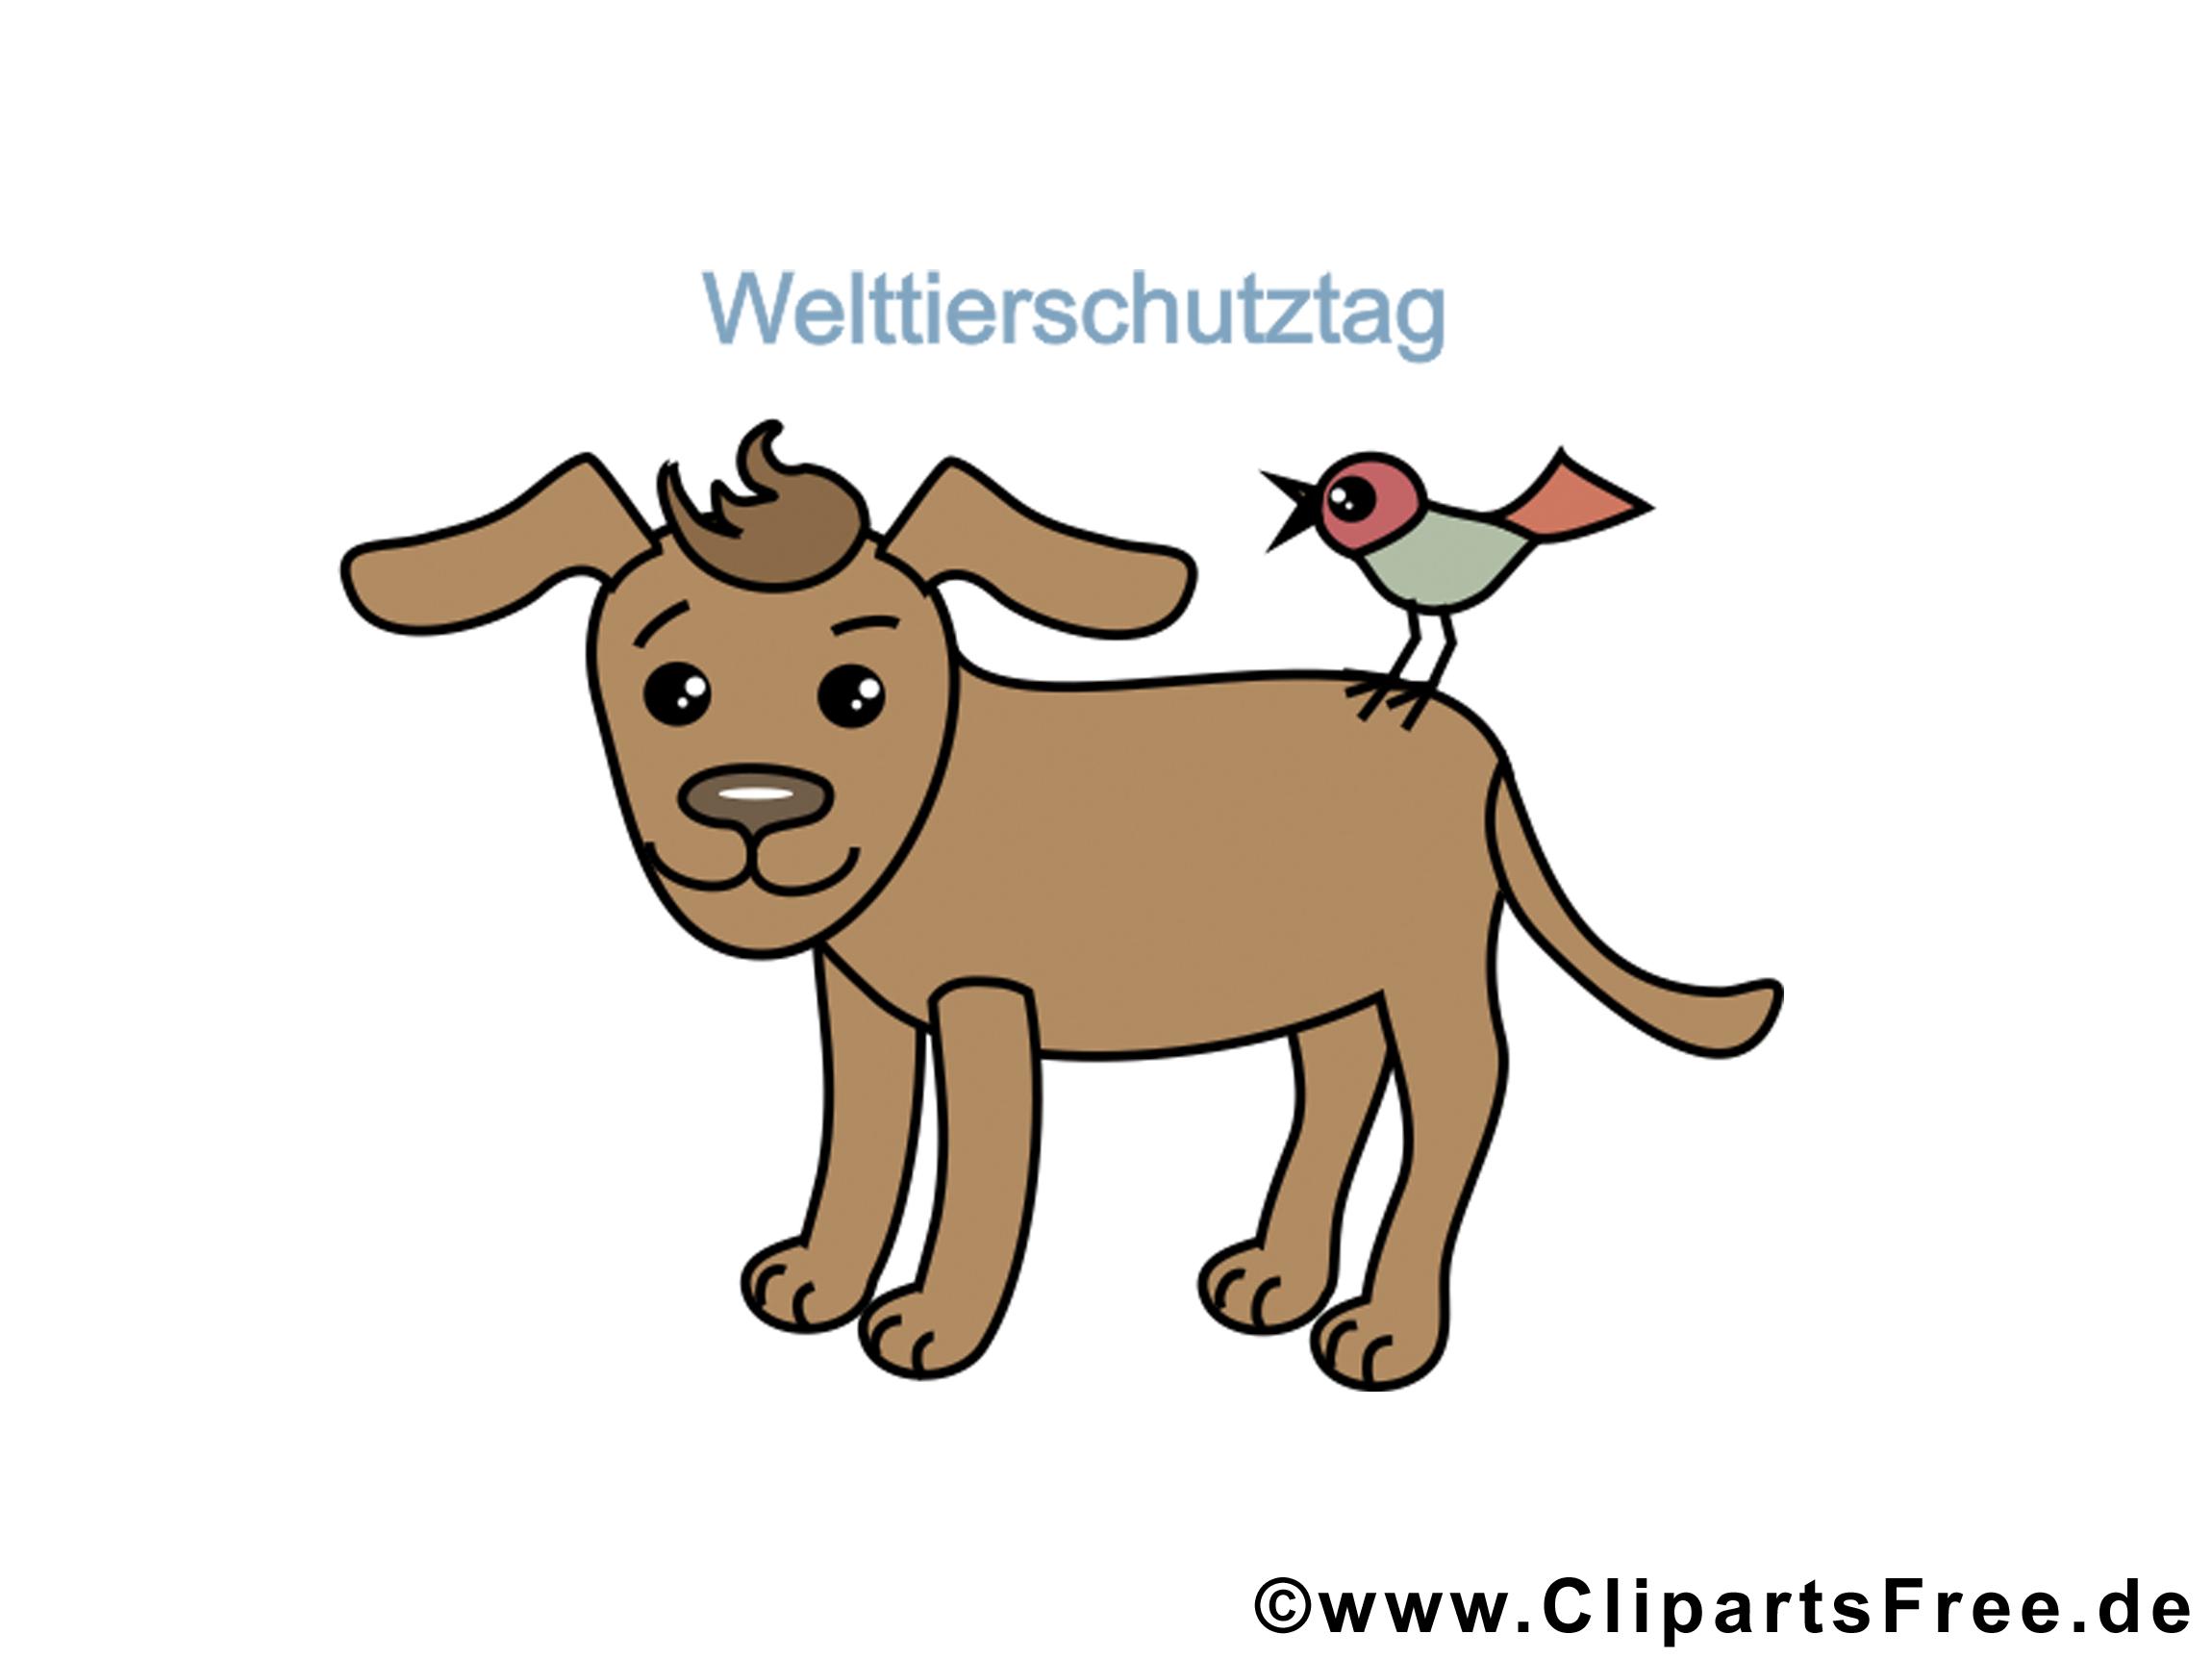 Clipart Sammlung kostenlos zum Welttierschutztag